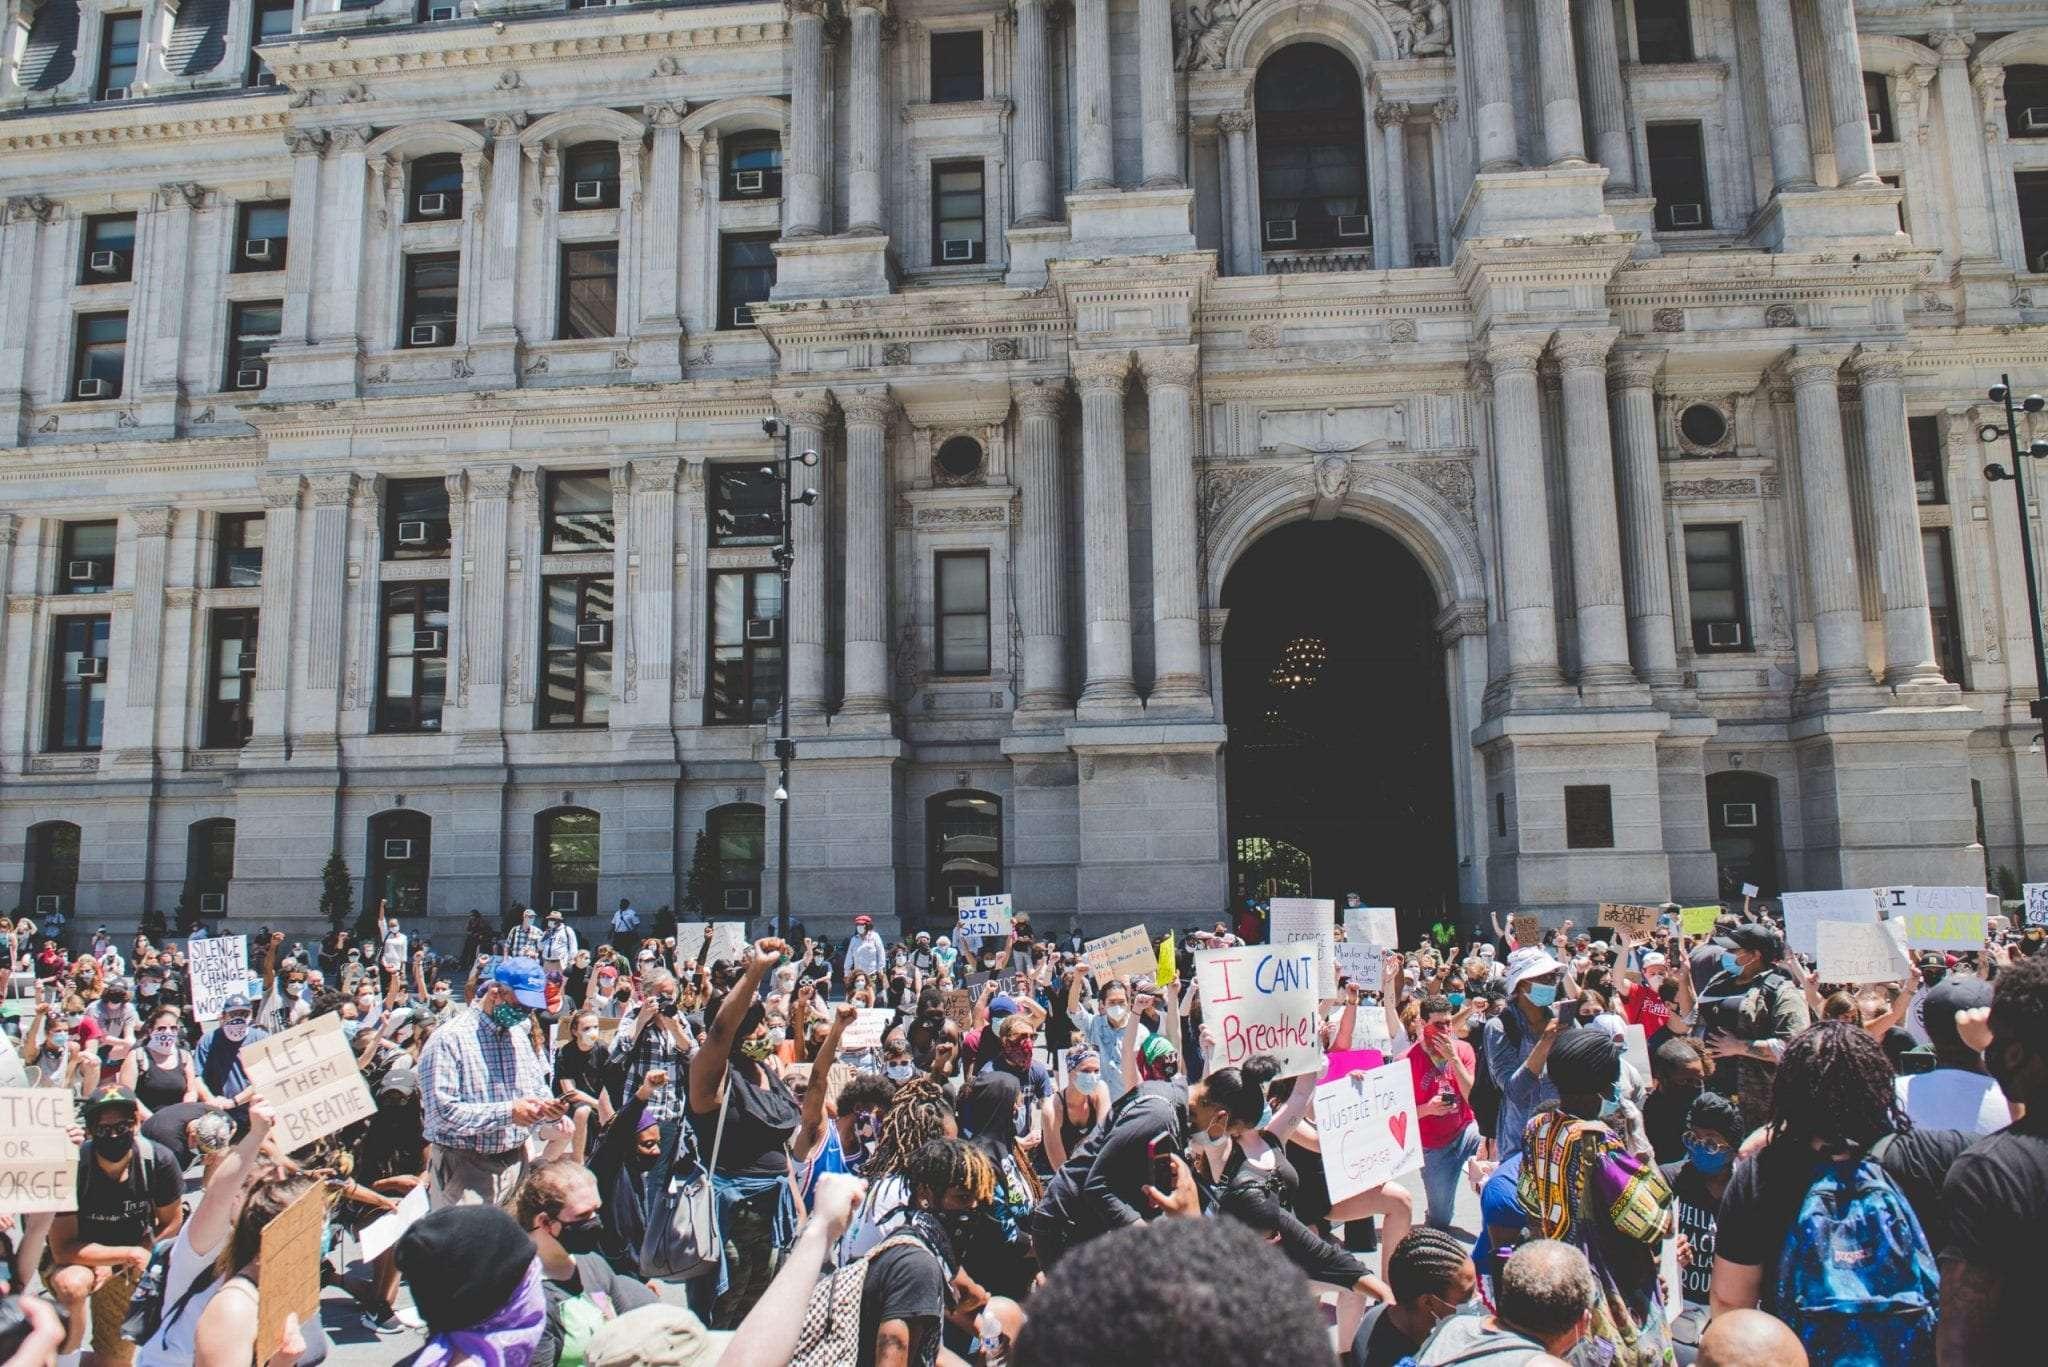 Philadelphia town hall protest George Floyd BLM